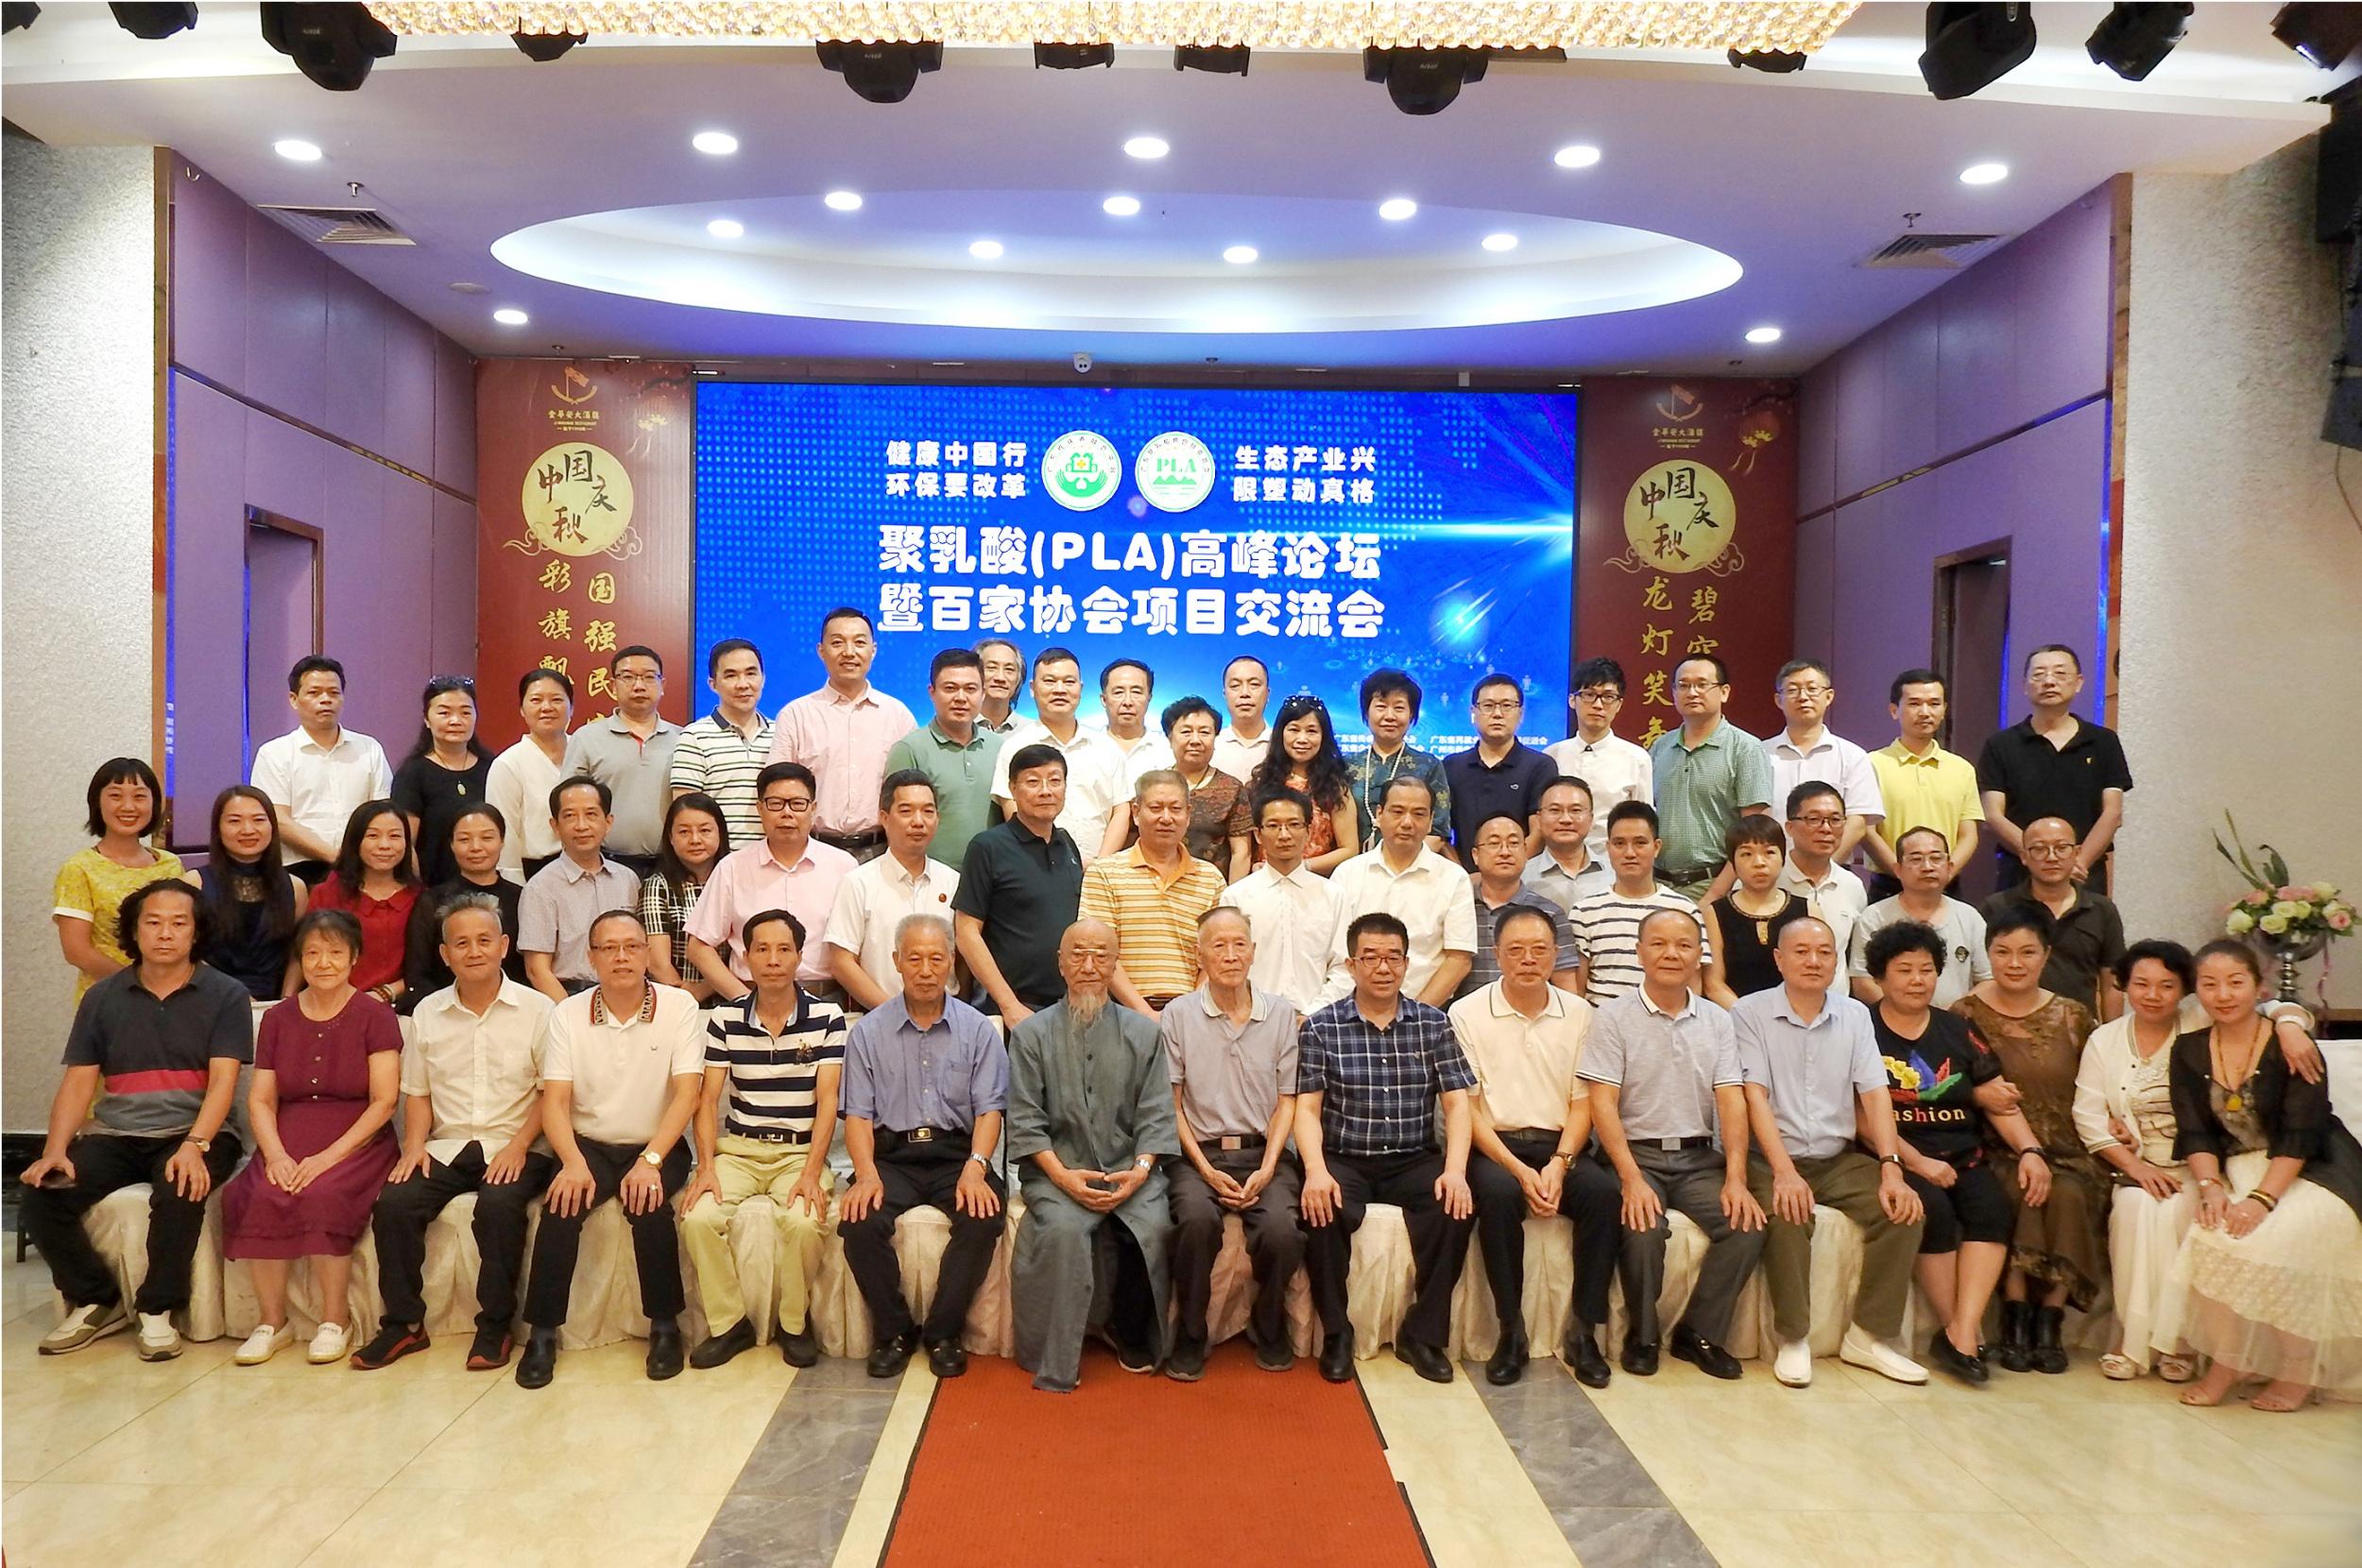 聚乳酸(PLA)高峰论坛 暨百家协会项目交流会在广州成功举行